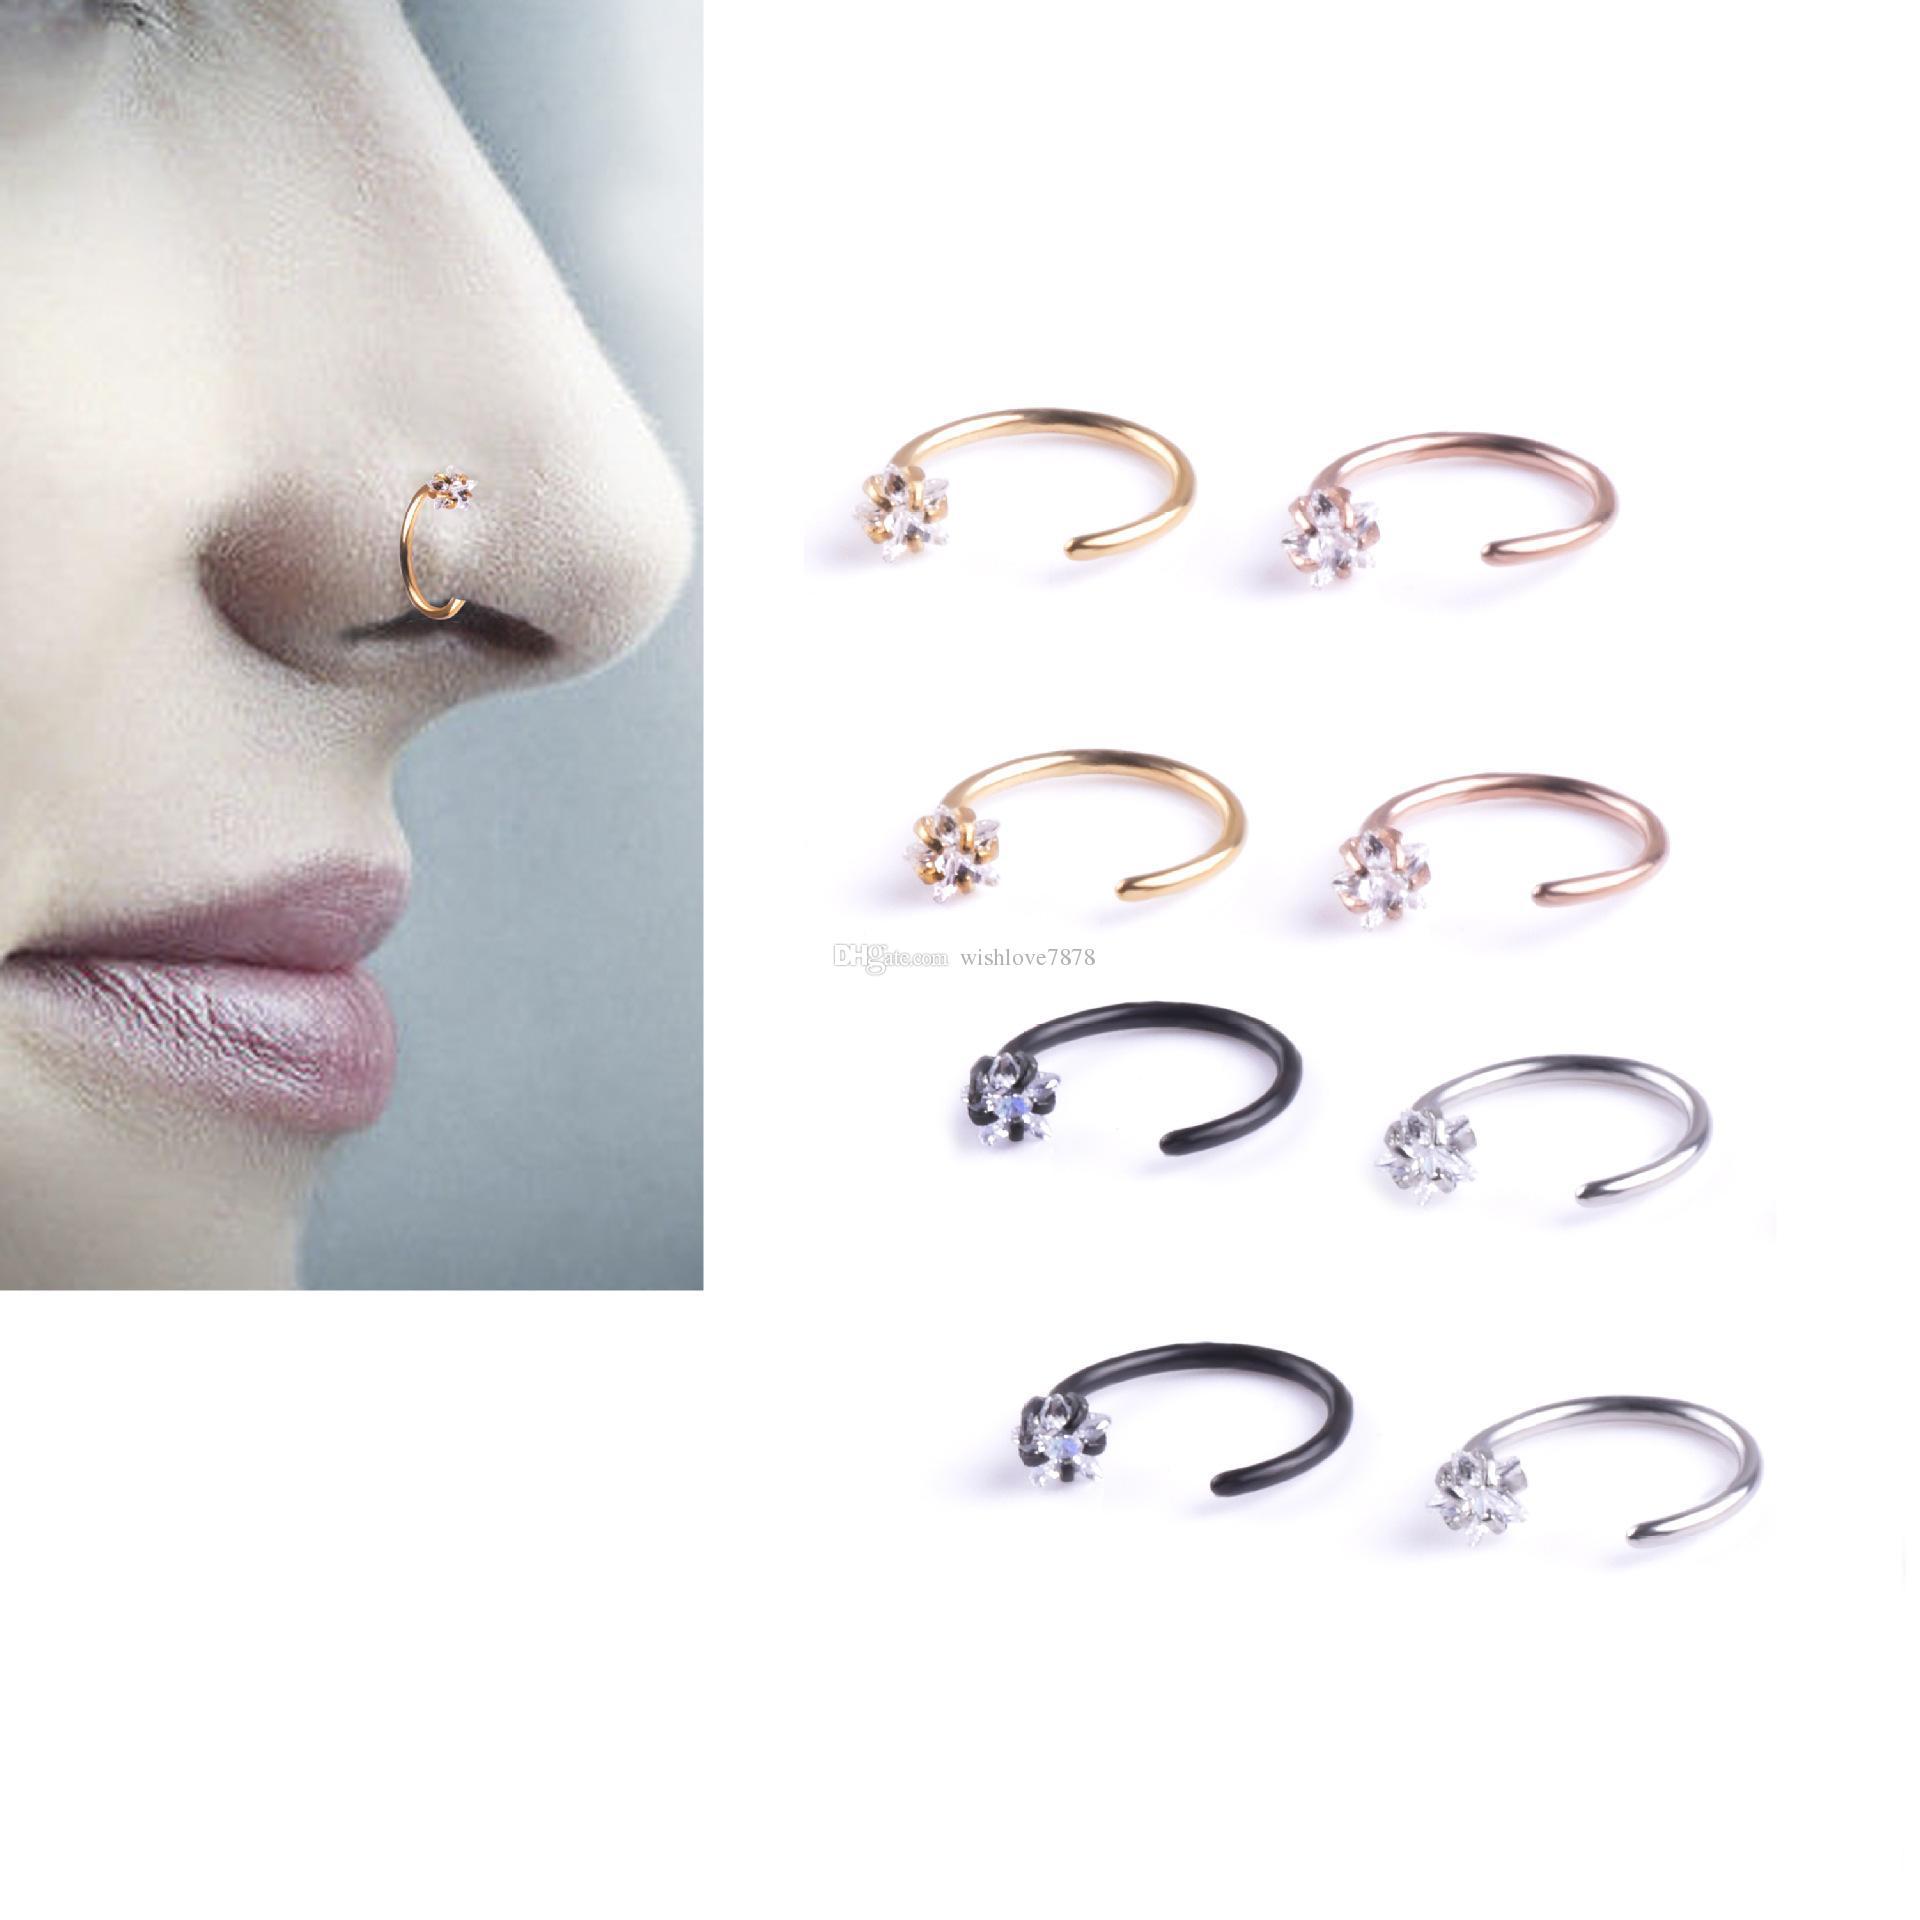 New Star Zircon Nose Hoop brincos Jóias de cartilagem do trago corpo para as Mulheres Homens Anti-alergia C Neck